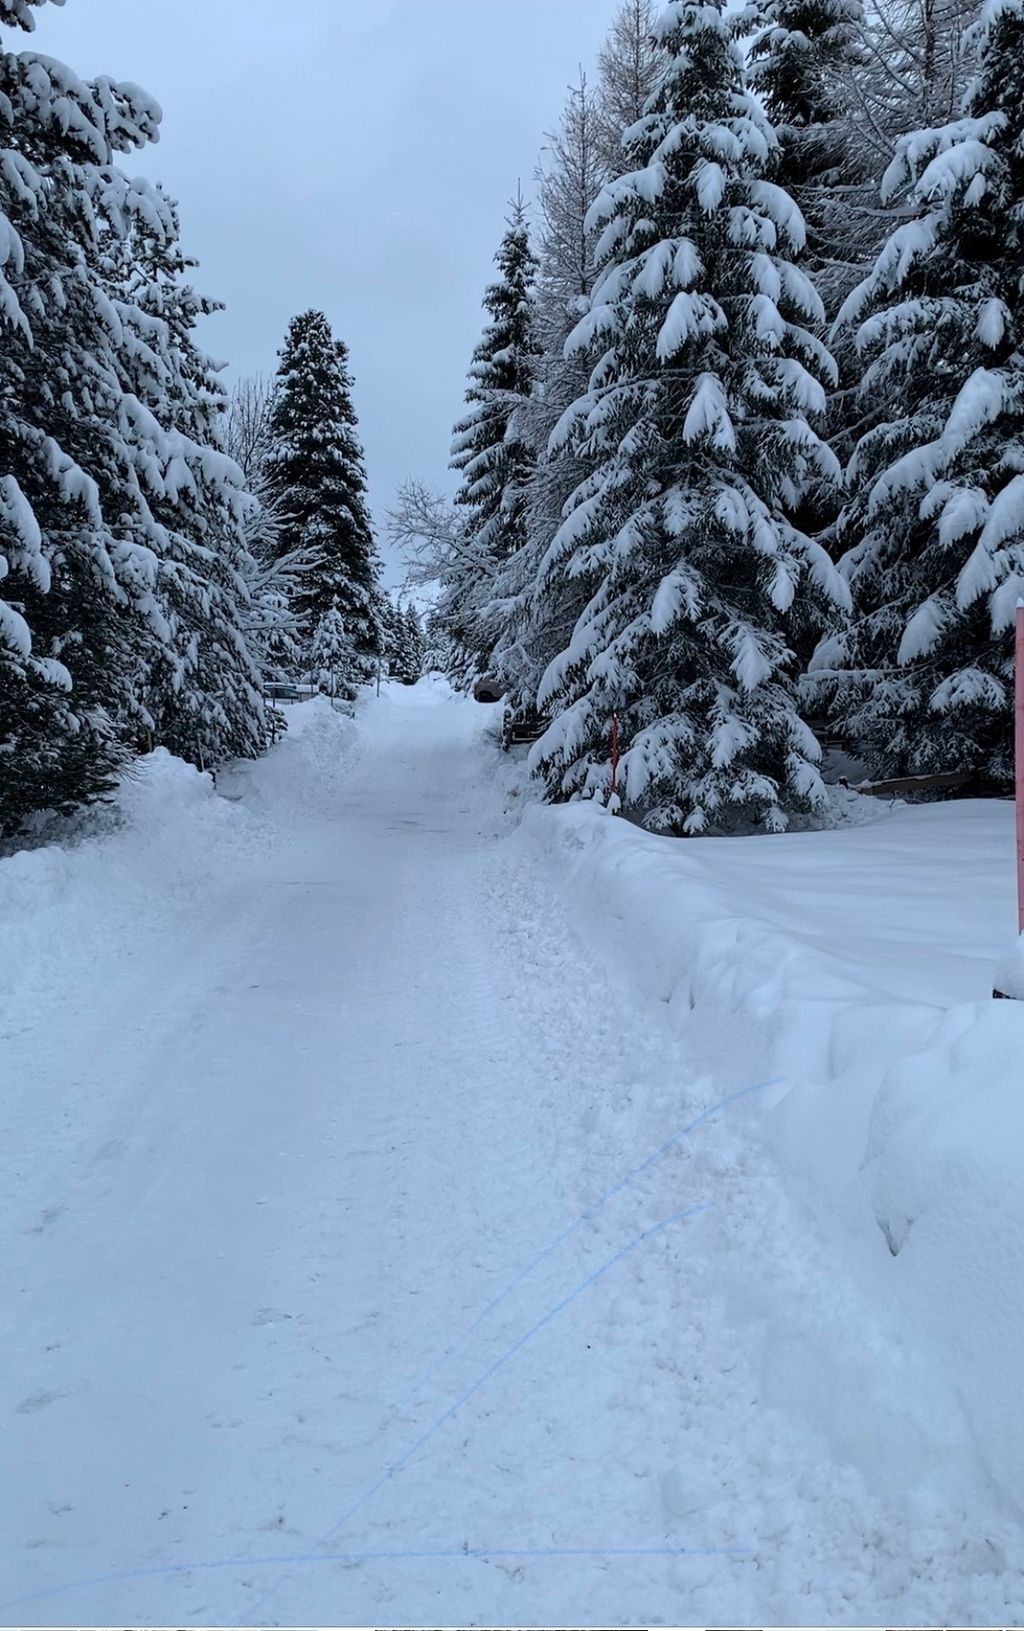 https://cdn.wintersport.nl/forum/25/d4b2301f387dcd482ba5c6e8...